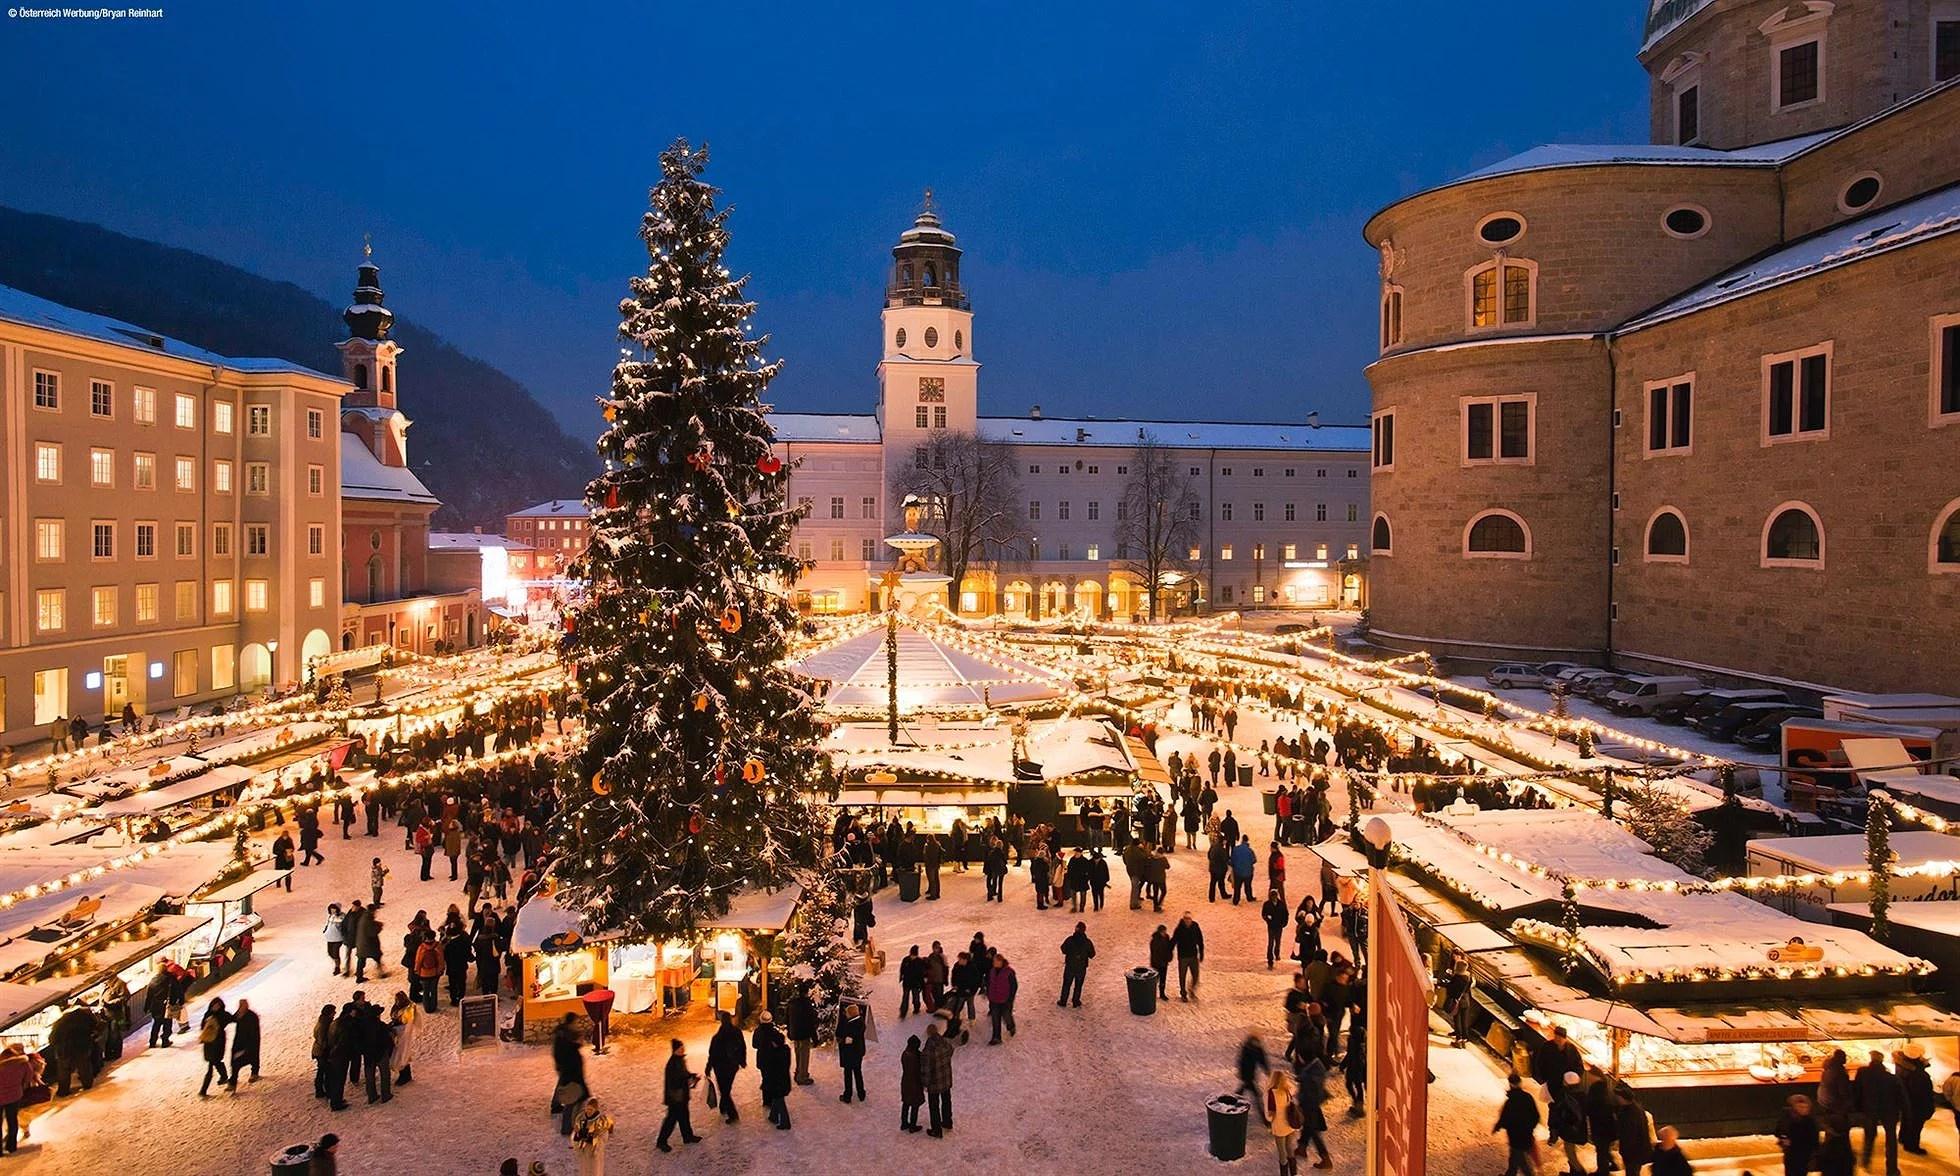 oesterreich-werbung_bryan-reinhart-weihnachtsmarkt-salzburg-2000x1200